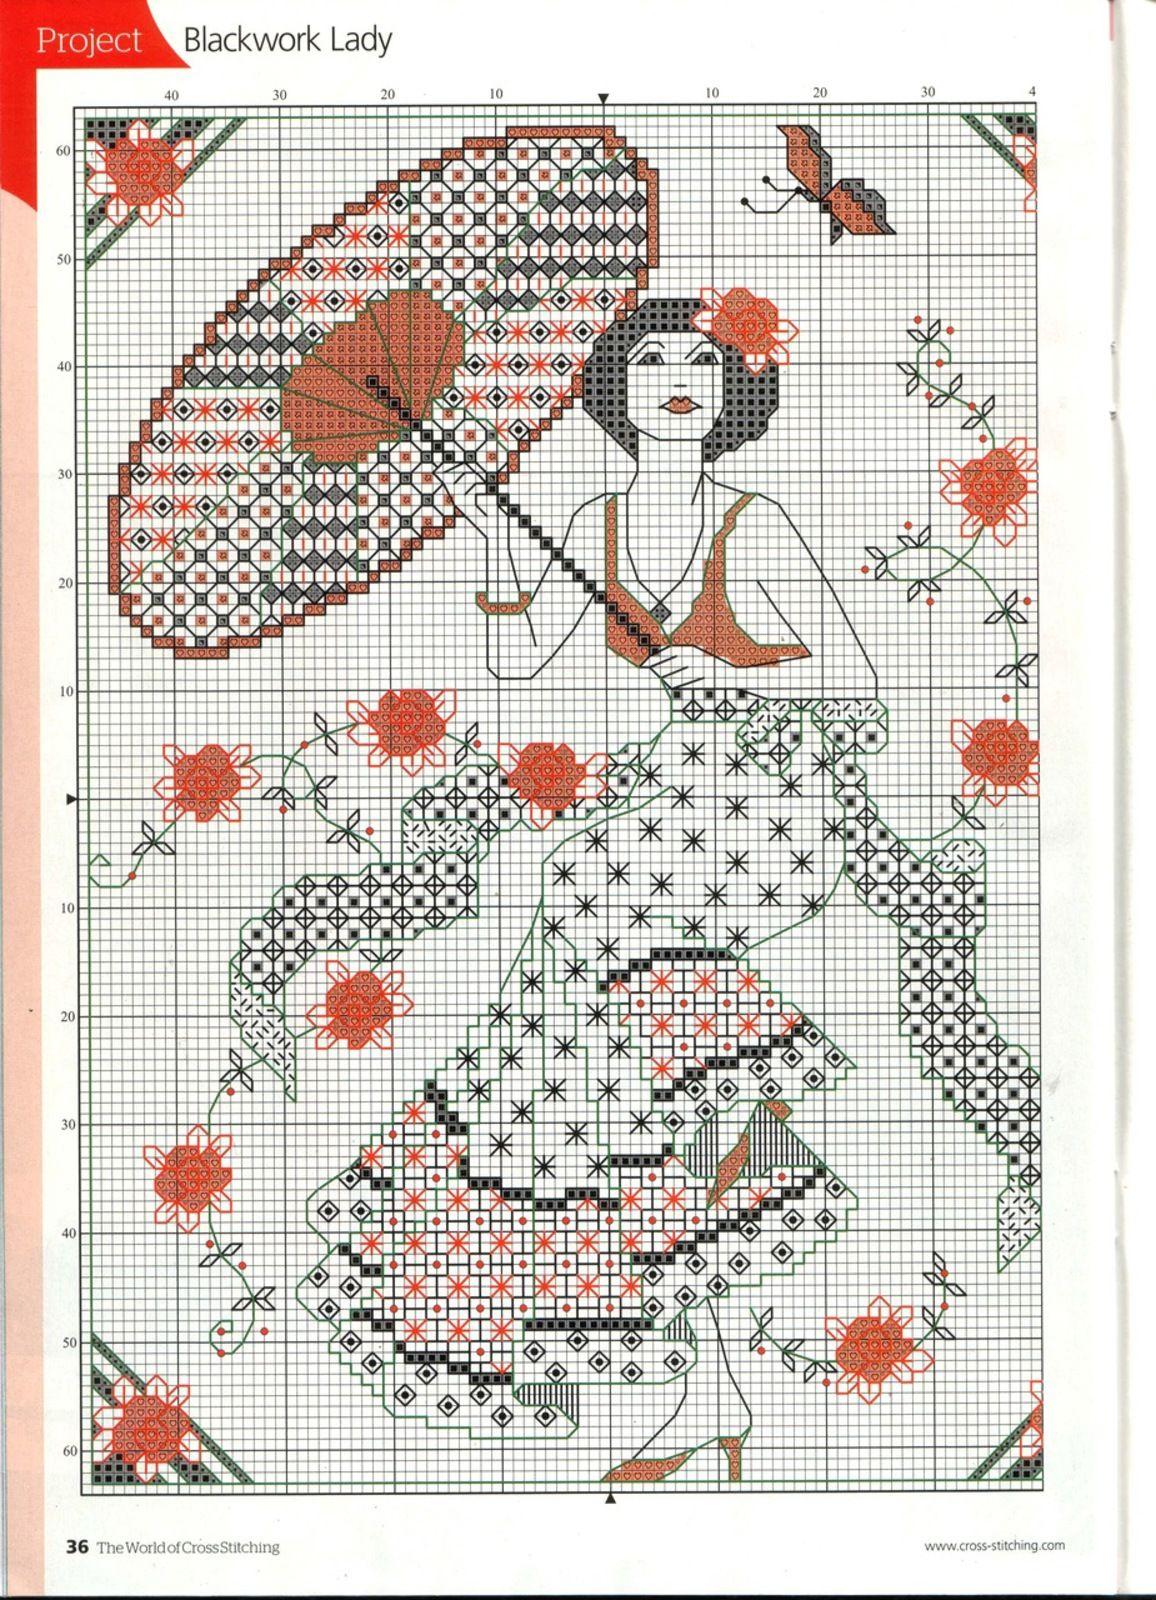 Lovely Blackwork Lady | Cross Stitch | Pinterest